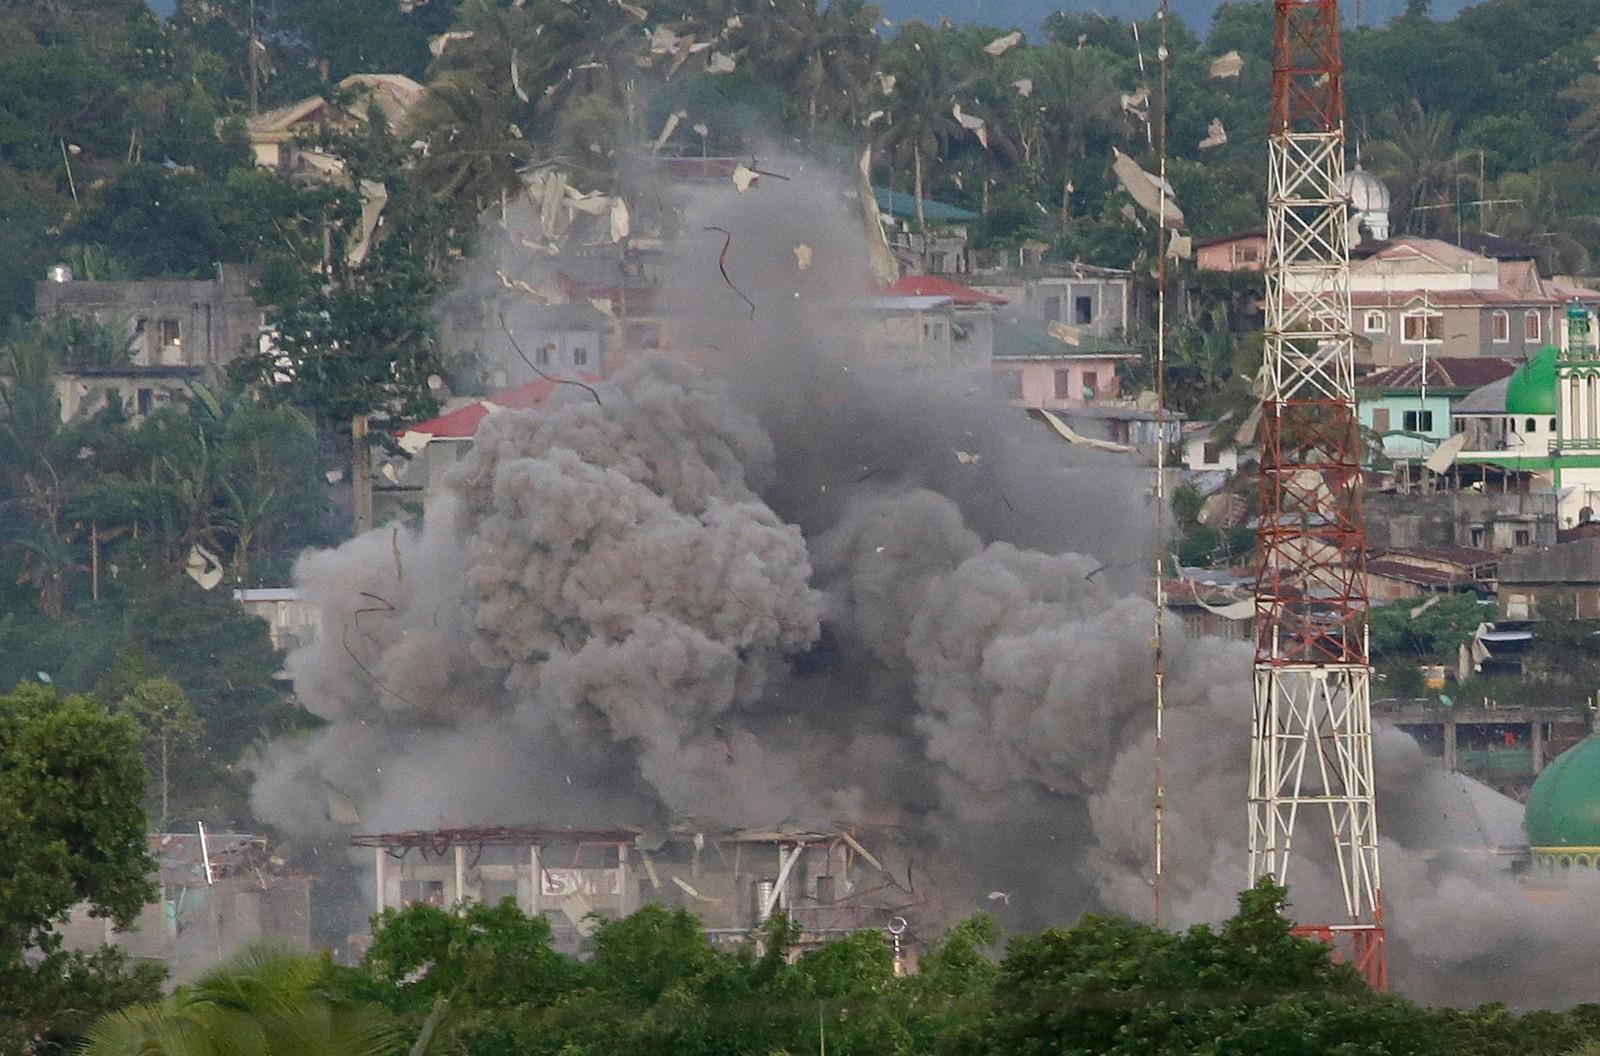 Det filippinske luftvåpenet angrep denne uka den sør-filippinske byen Marawi i kampen mot militante muslimer. Det er ikke kjent hvor mange som er fanget i byen, men militære kilder forteller til nyhetsbyrået AP at det kan være et sted mellom 150 og 1000 mennesker.